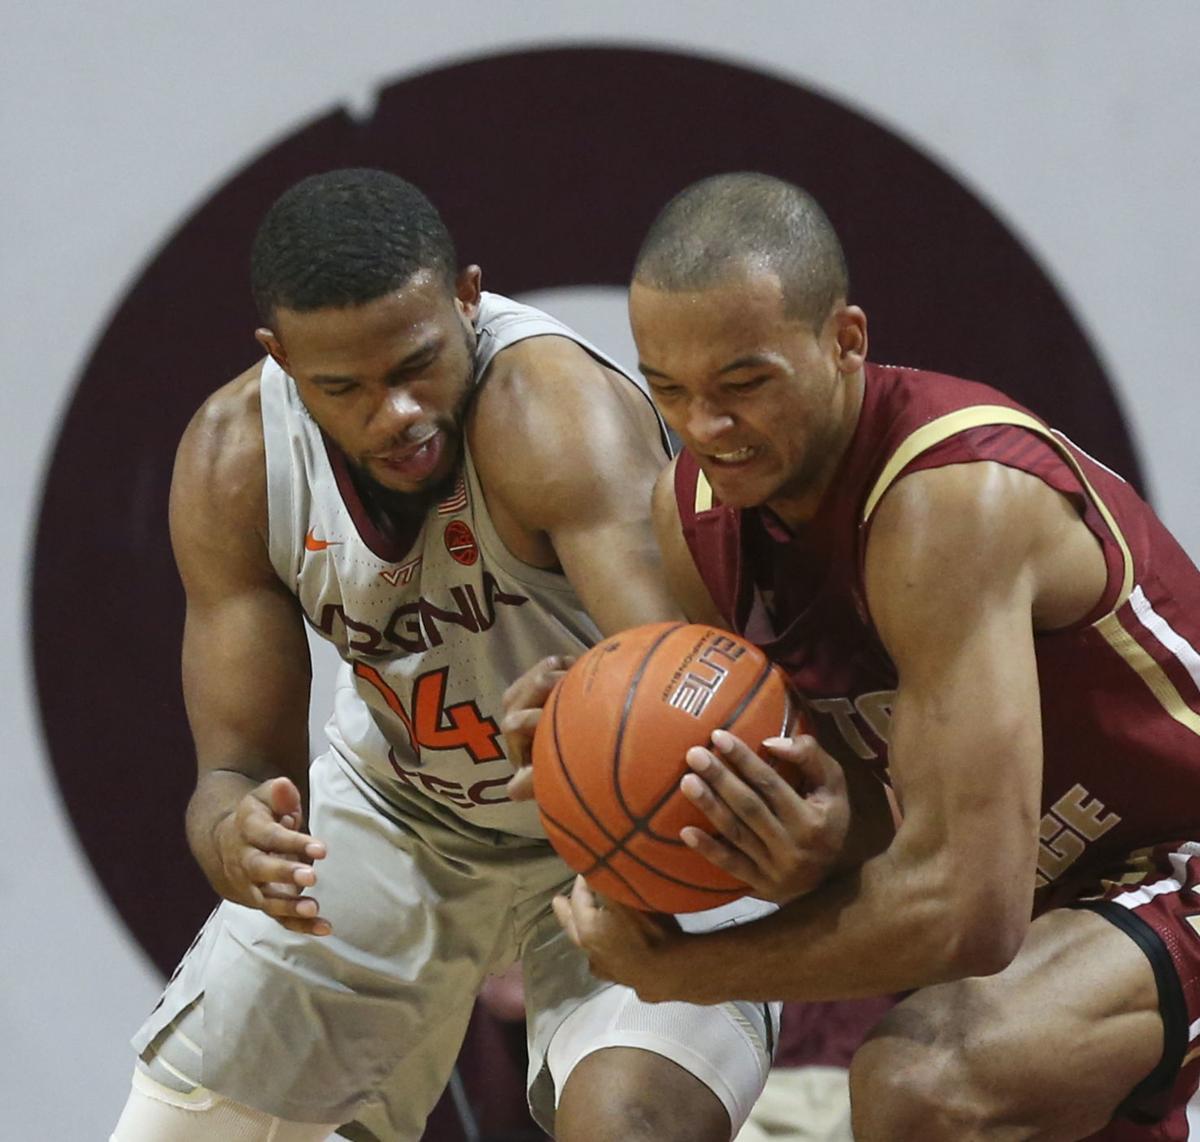 Boston College Virginia Tech Basketball